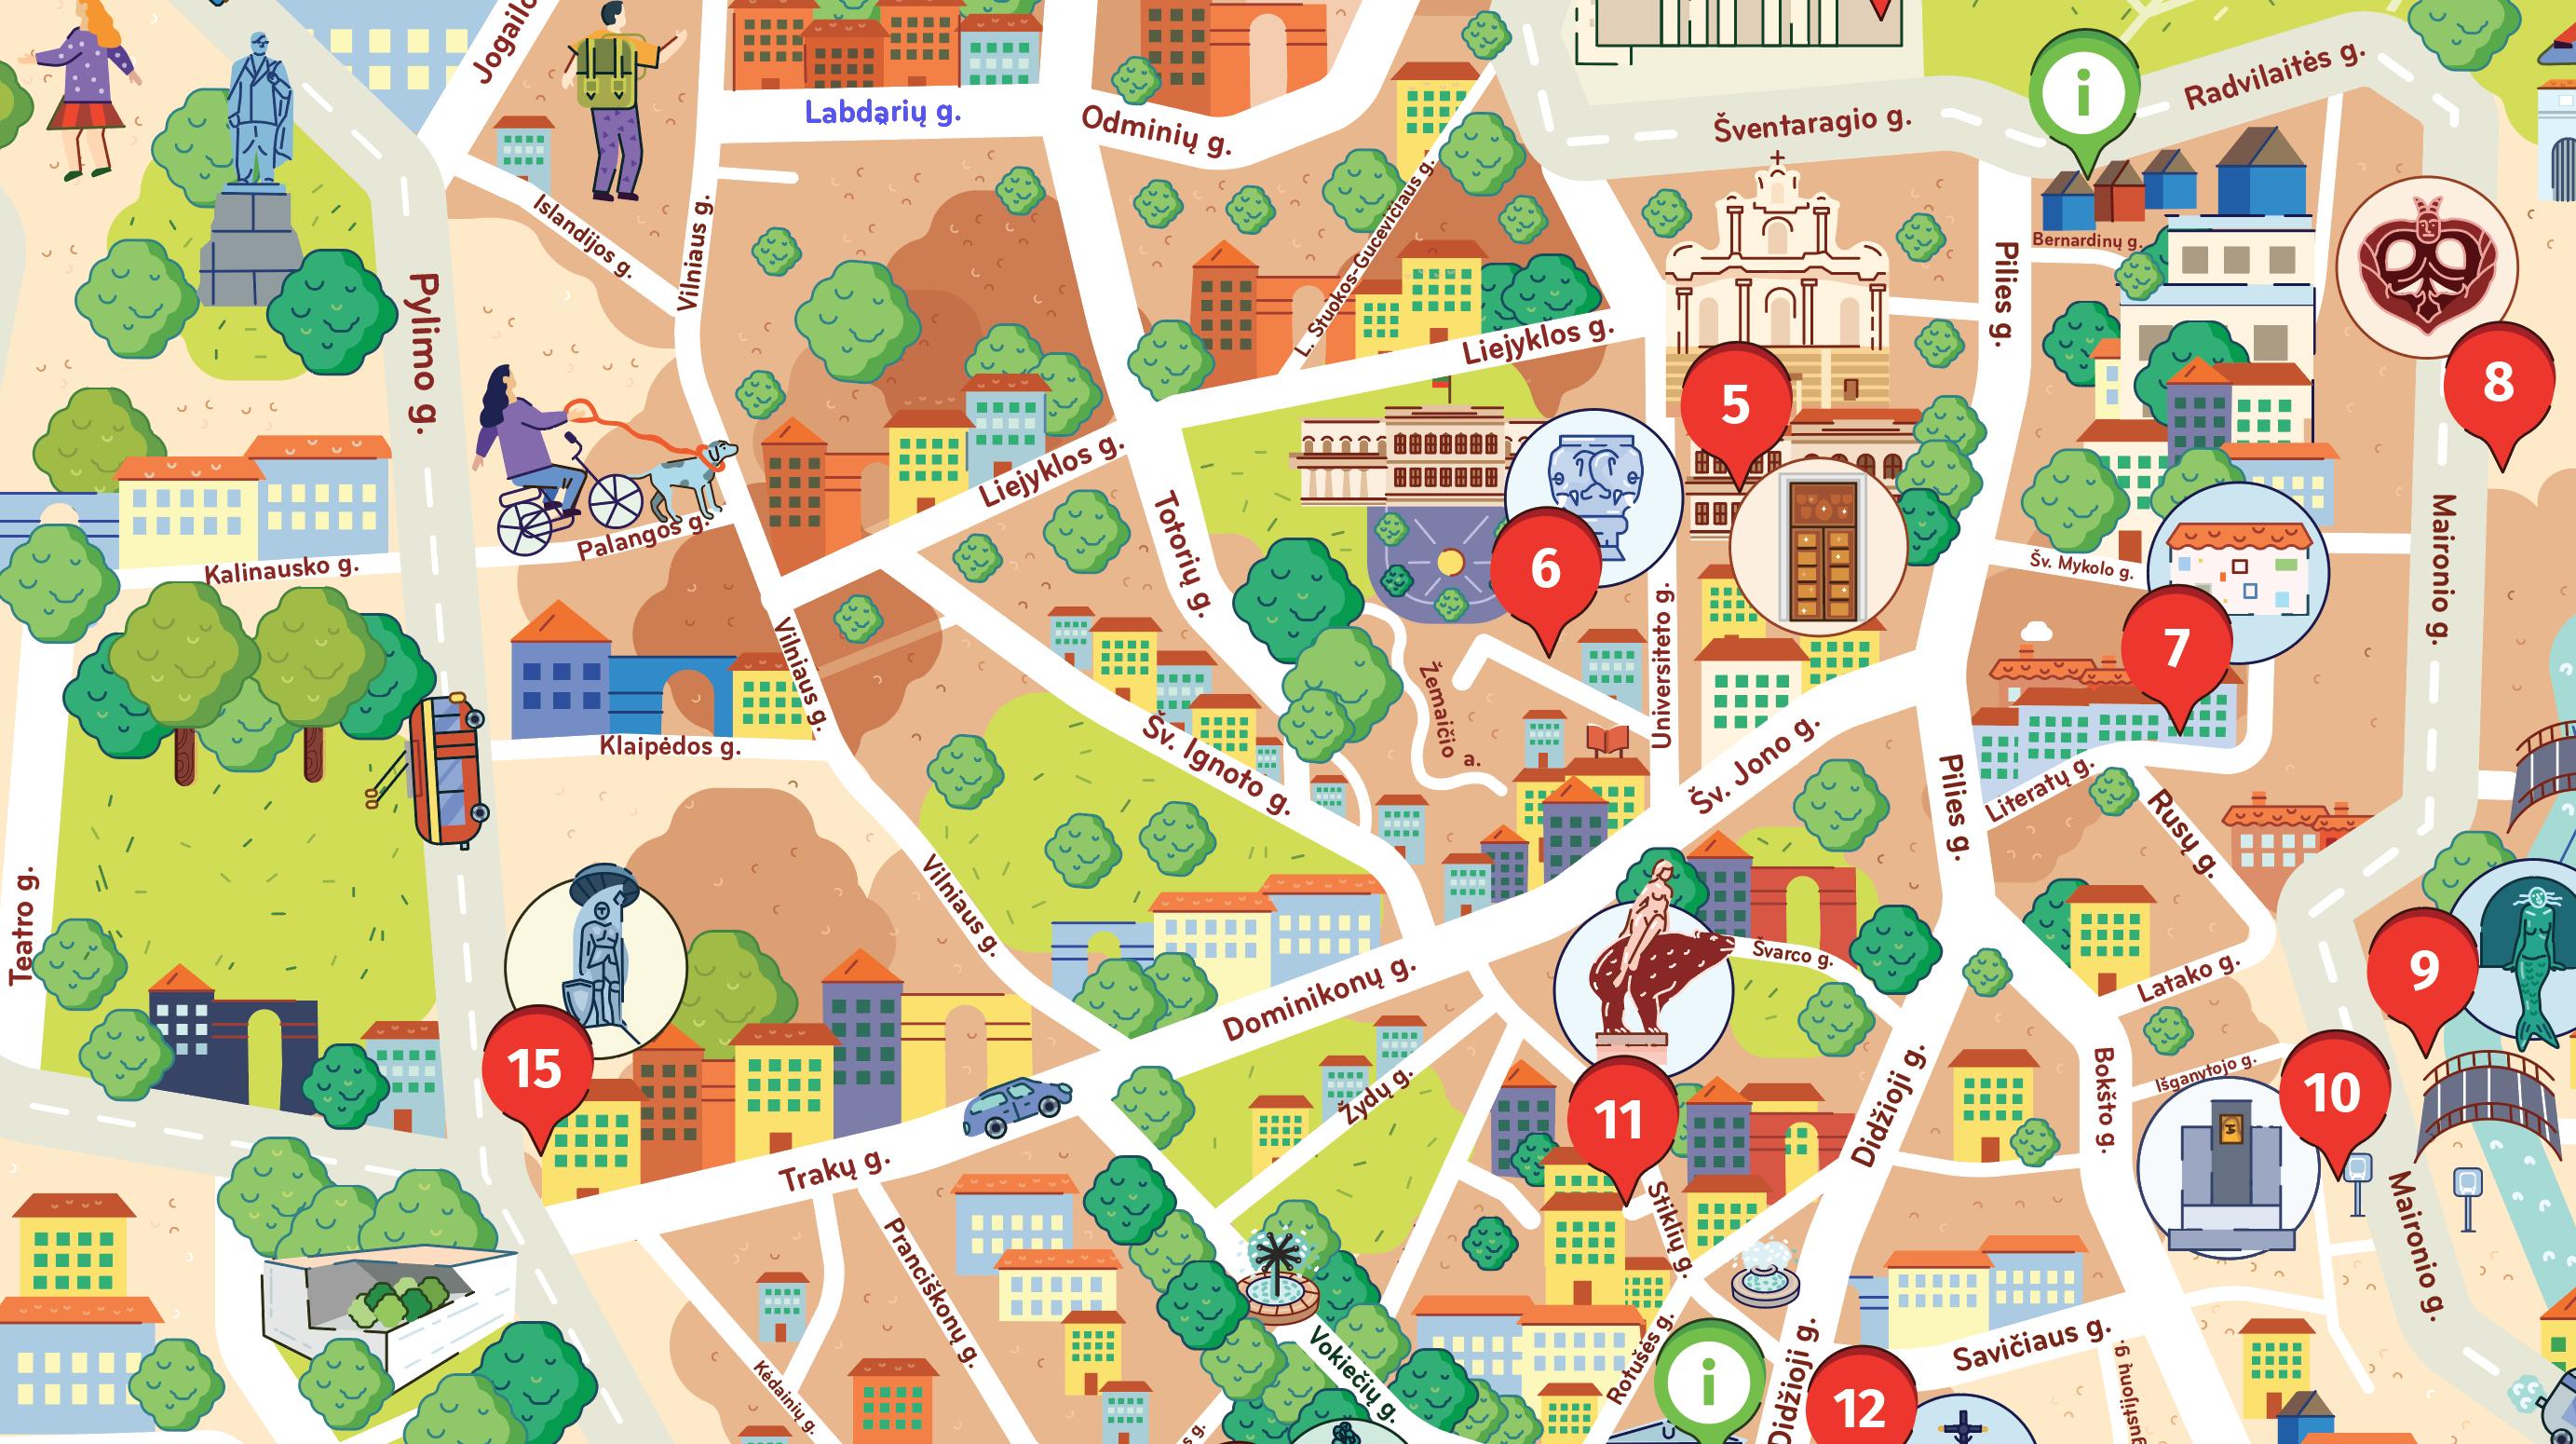 """Sukurtas unikalus žemėlapis-žaidimas """"Vilnius vaikams"""" kviečia kolekcionuoti miesto patirtis"""